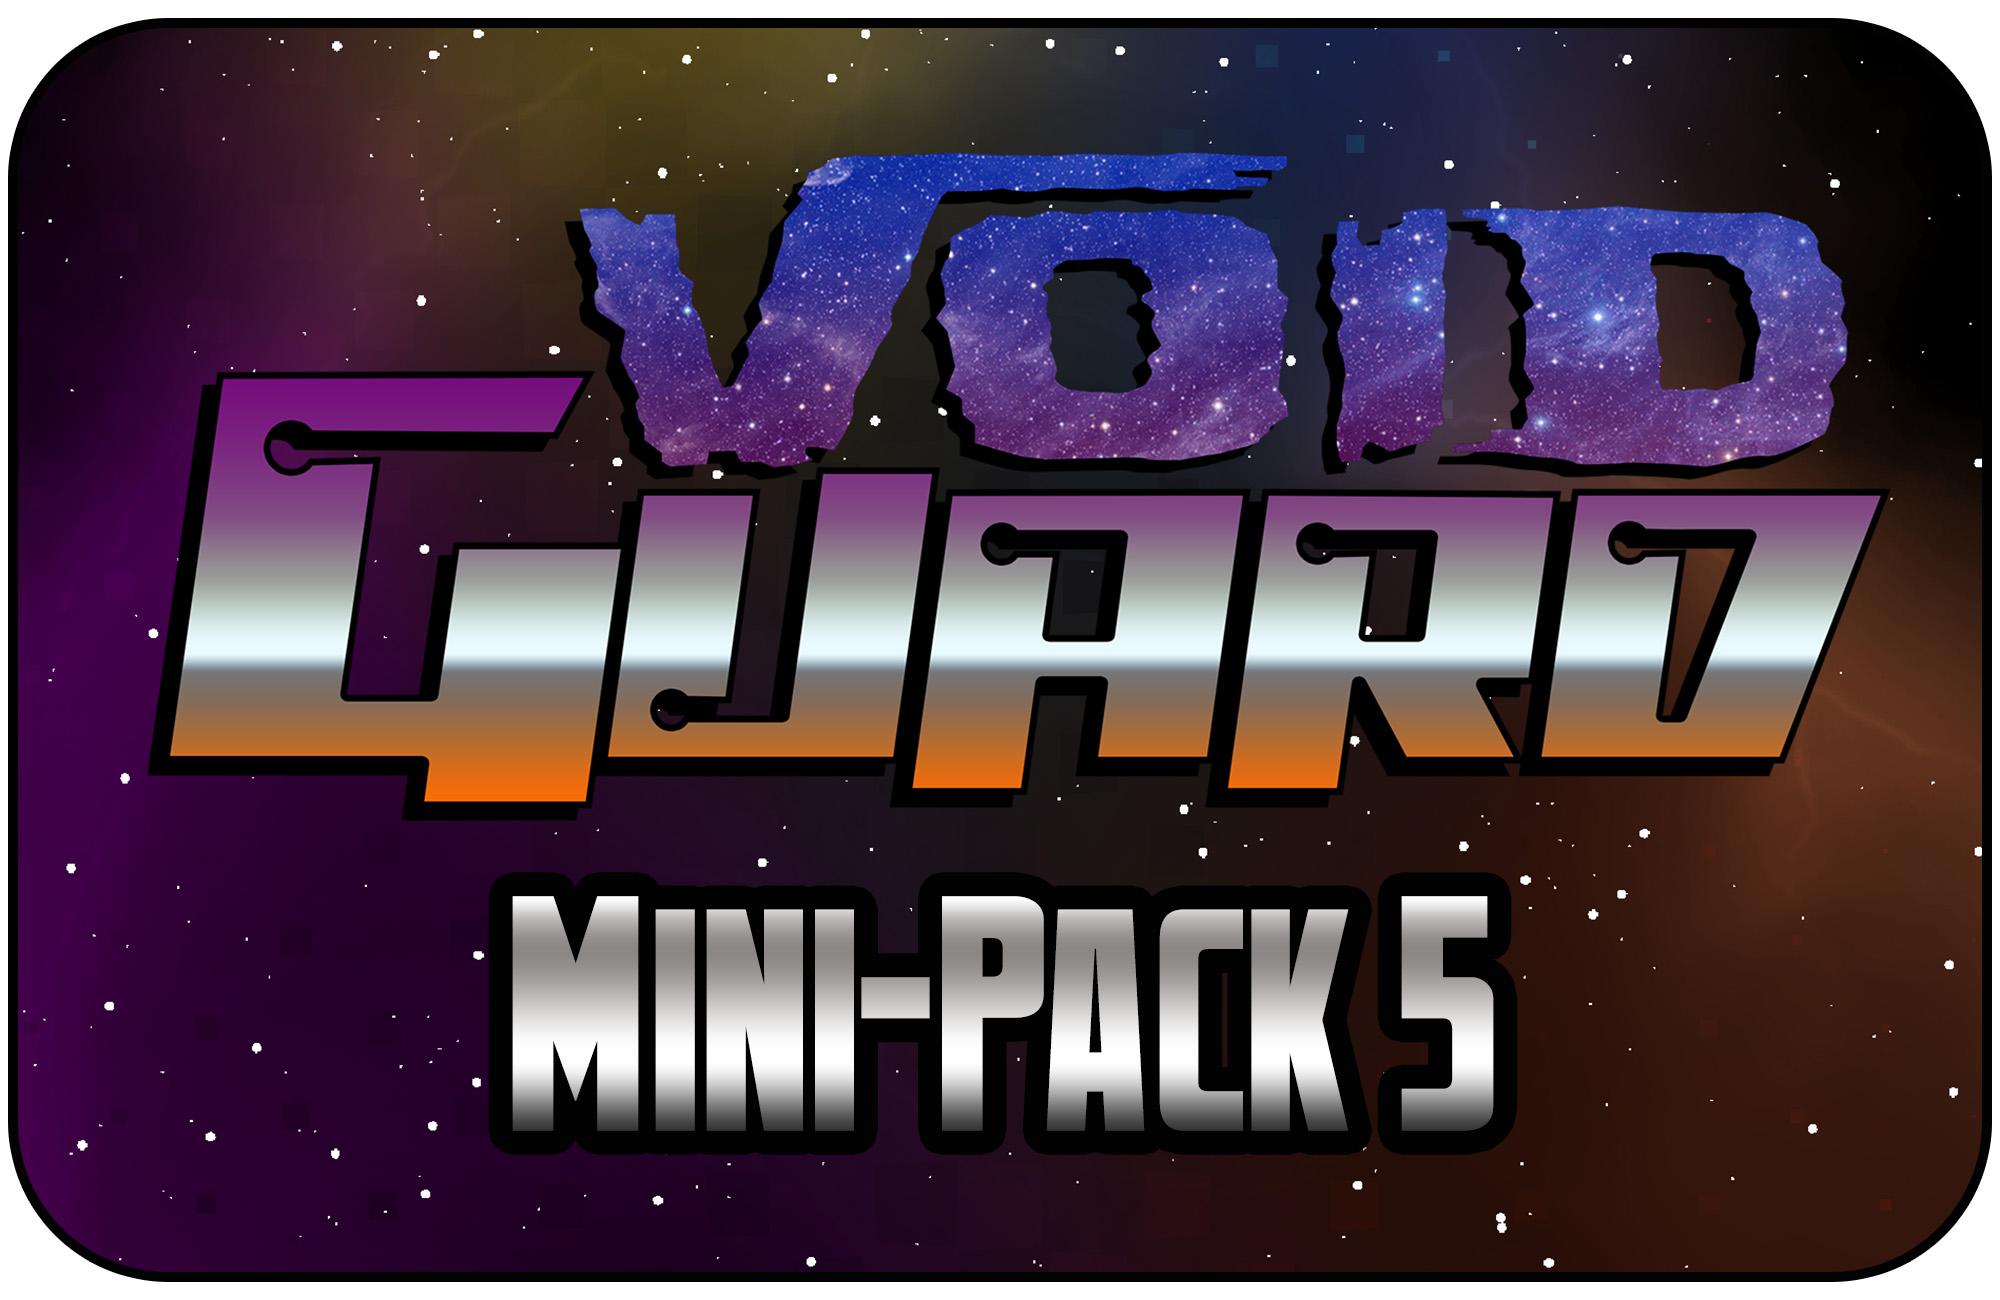 voidguard logo.jpg